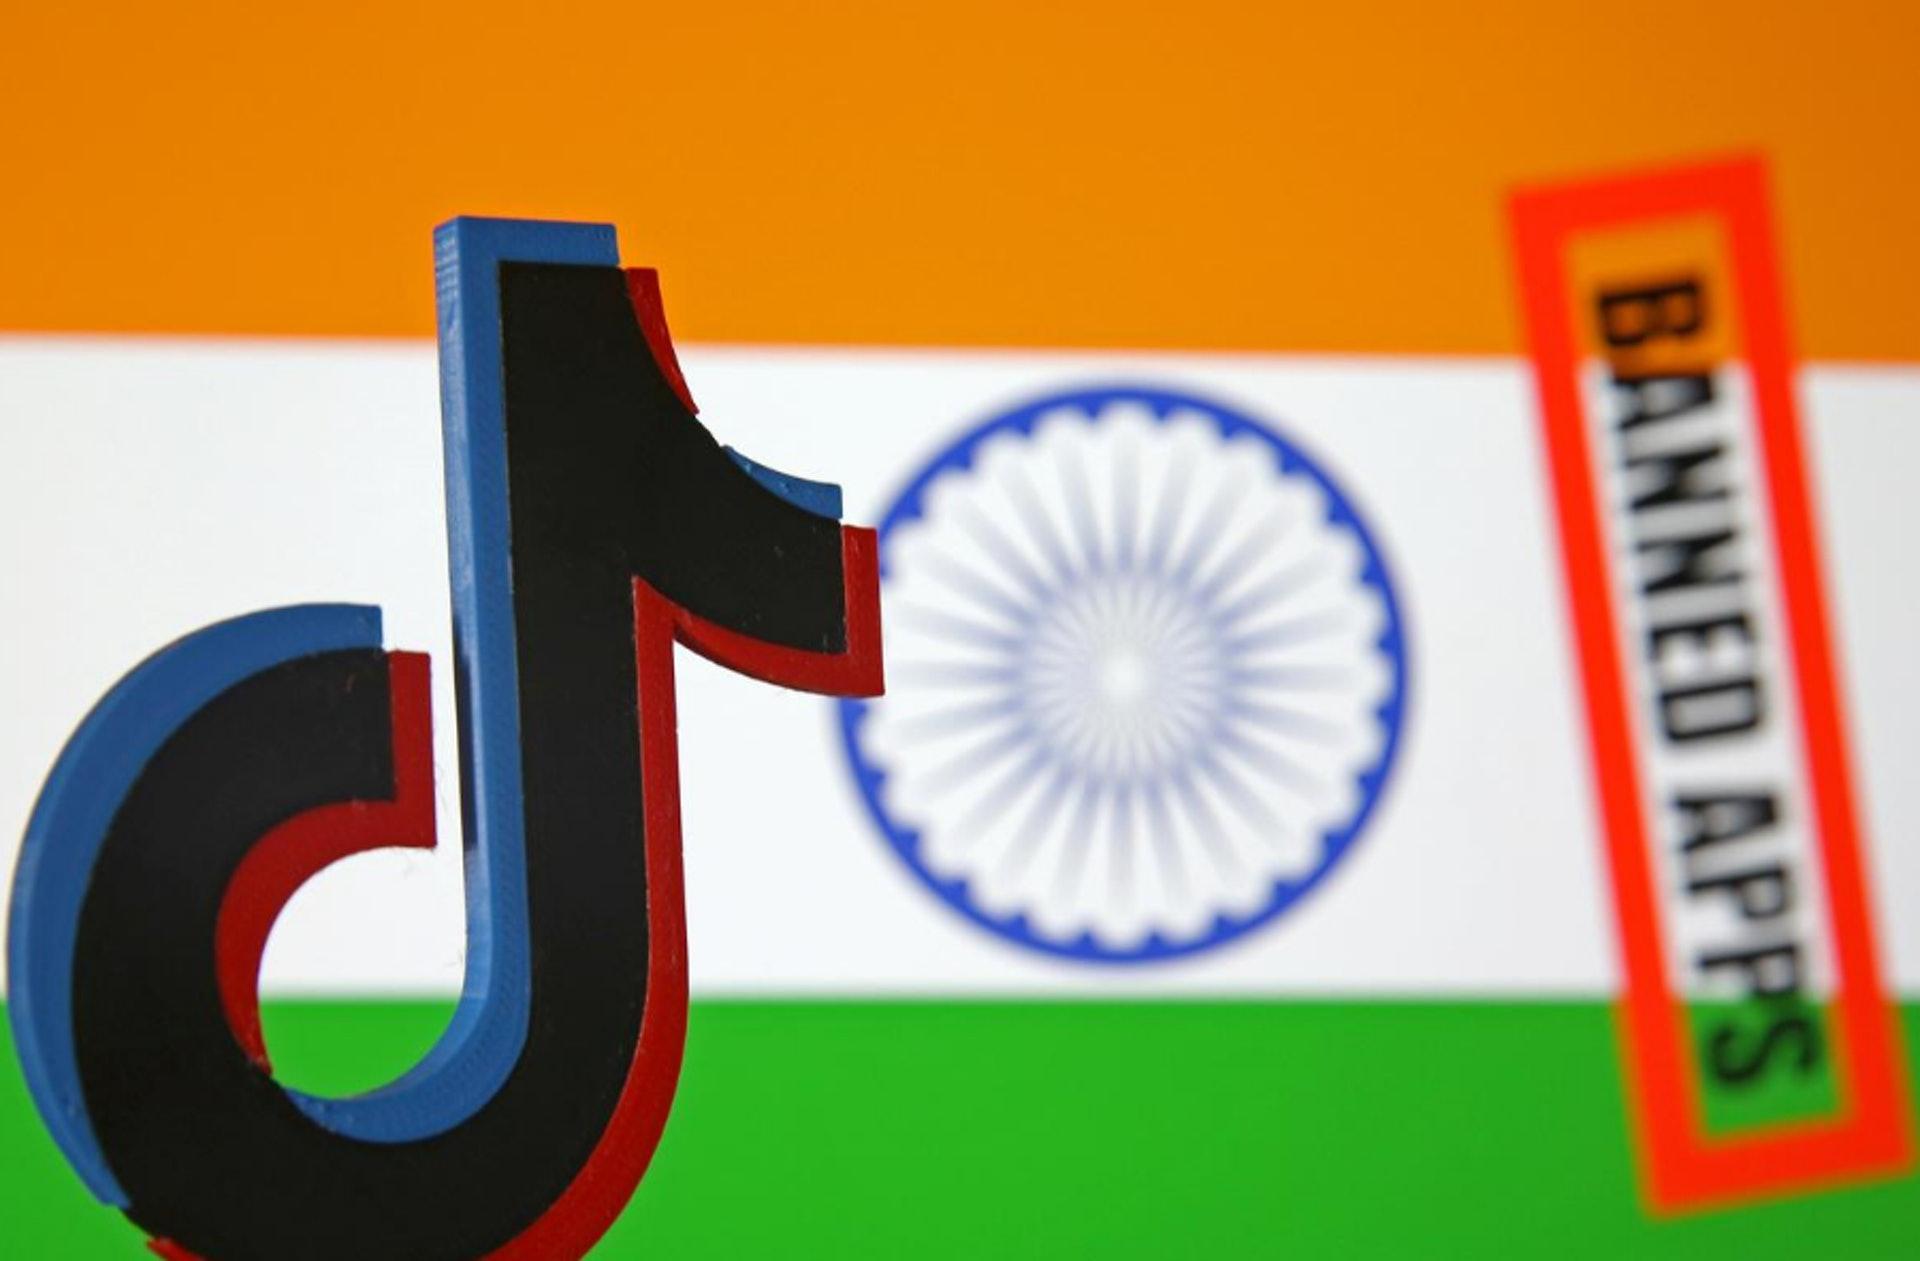 印度政府将永久封禁59款中国APP,其中包括抖音海外版TikTok。 (Reuters)